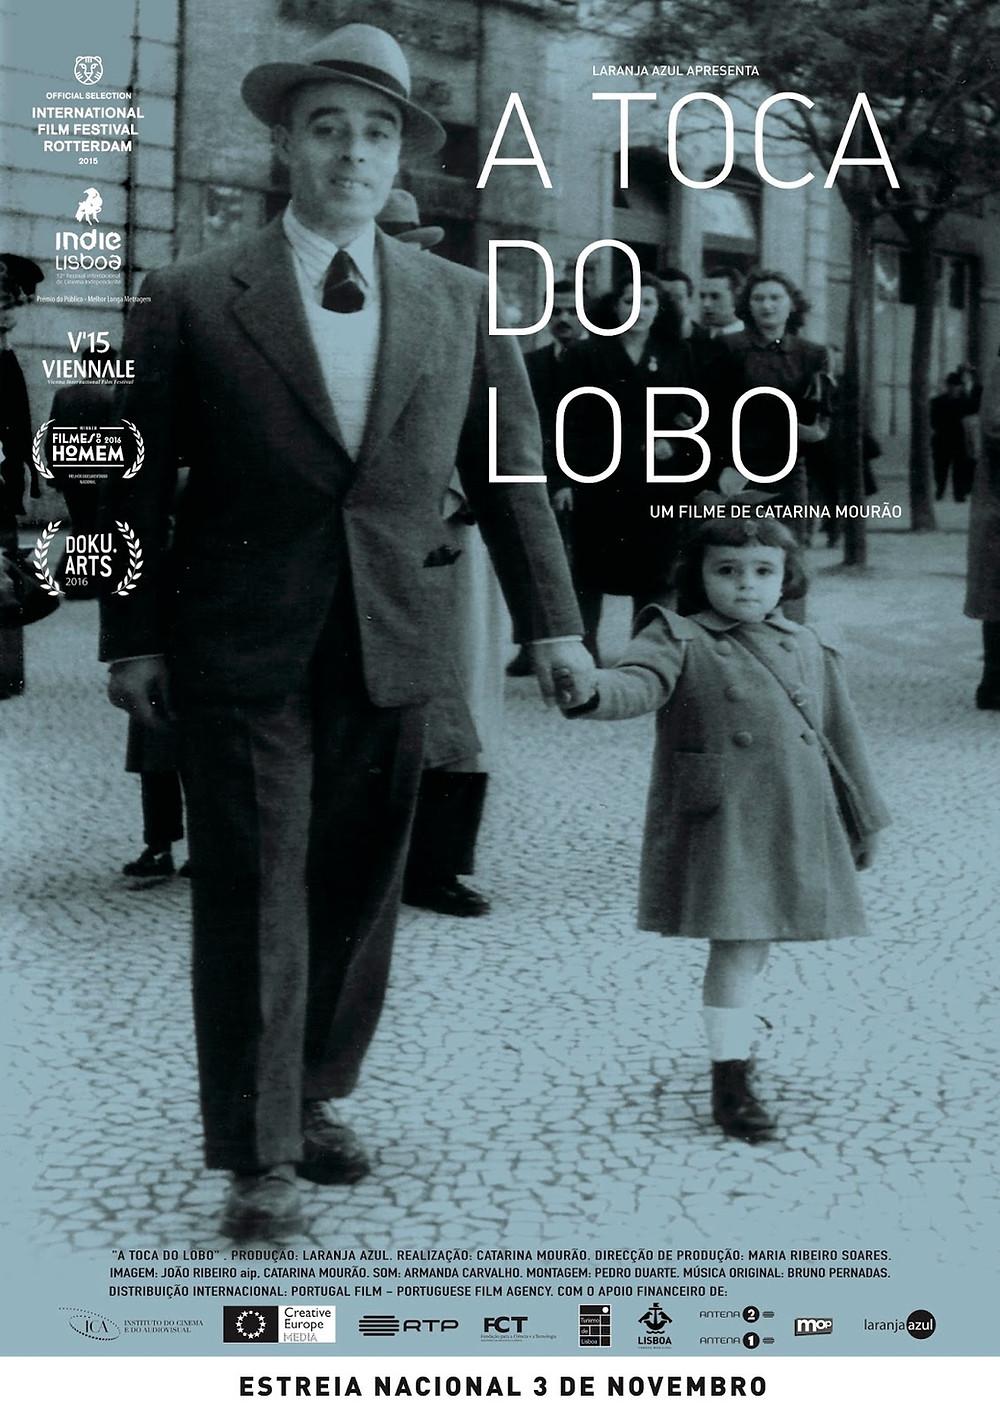 A TOCA DO LOBO